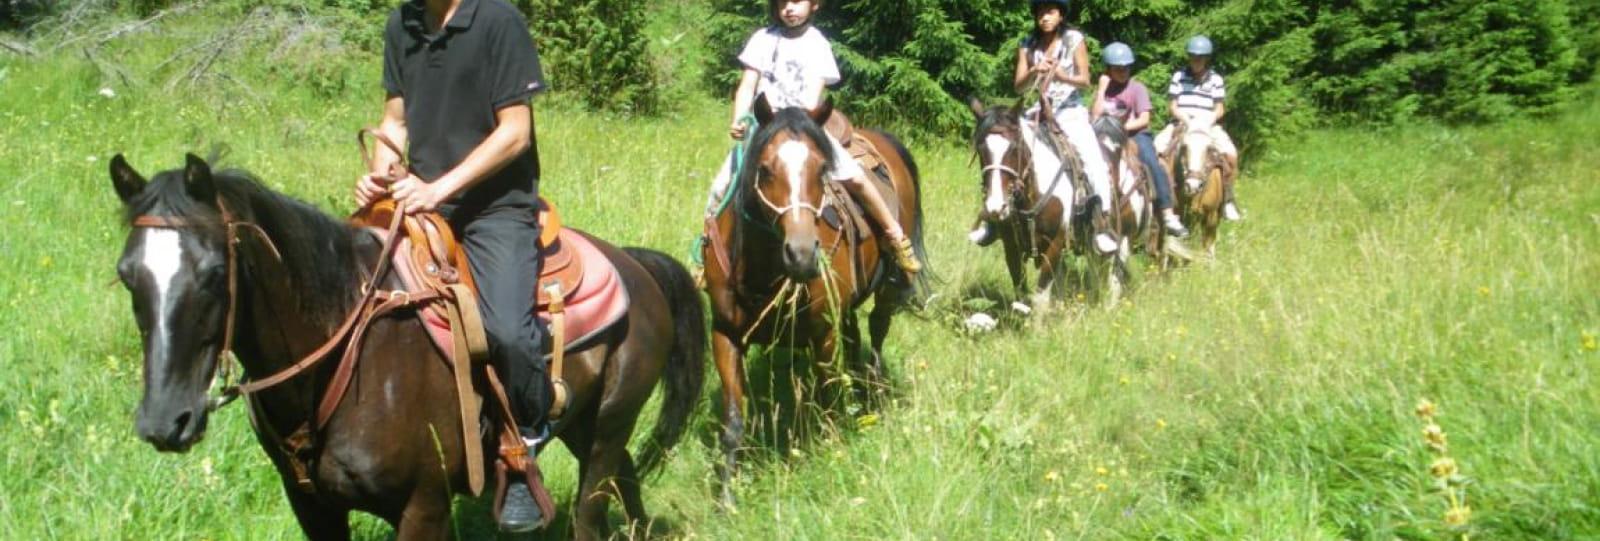 Randonnées équestres avec Le ranch du Vercors